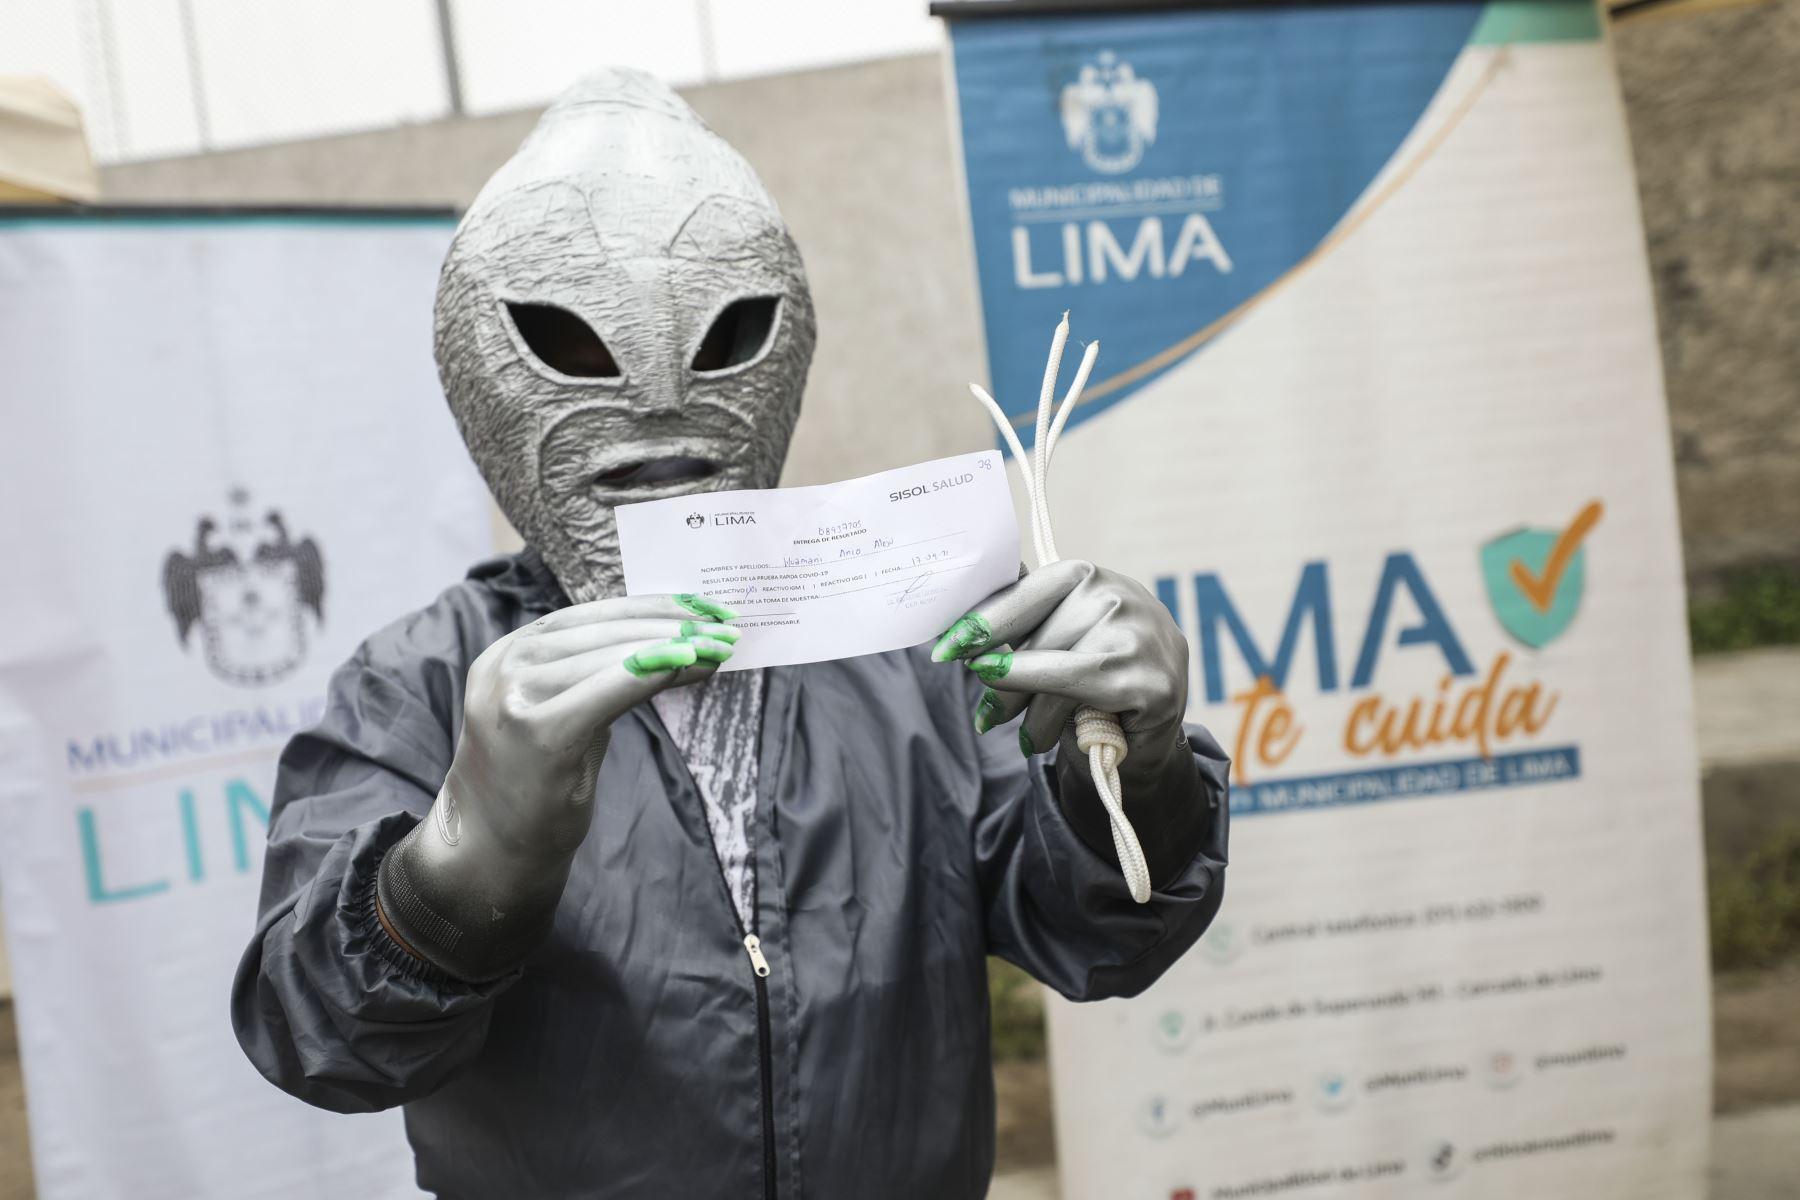 Campaña Lima te Cuida realizó pruebas de descarte Covid-19 a vecinos y comerciantes del mercado de San Pedro en Villa El Salvador. Foto: ANDINA/Municipalidad de Lima